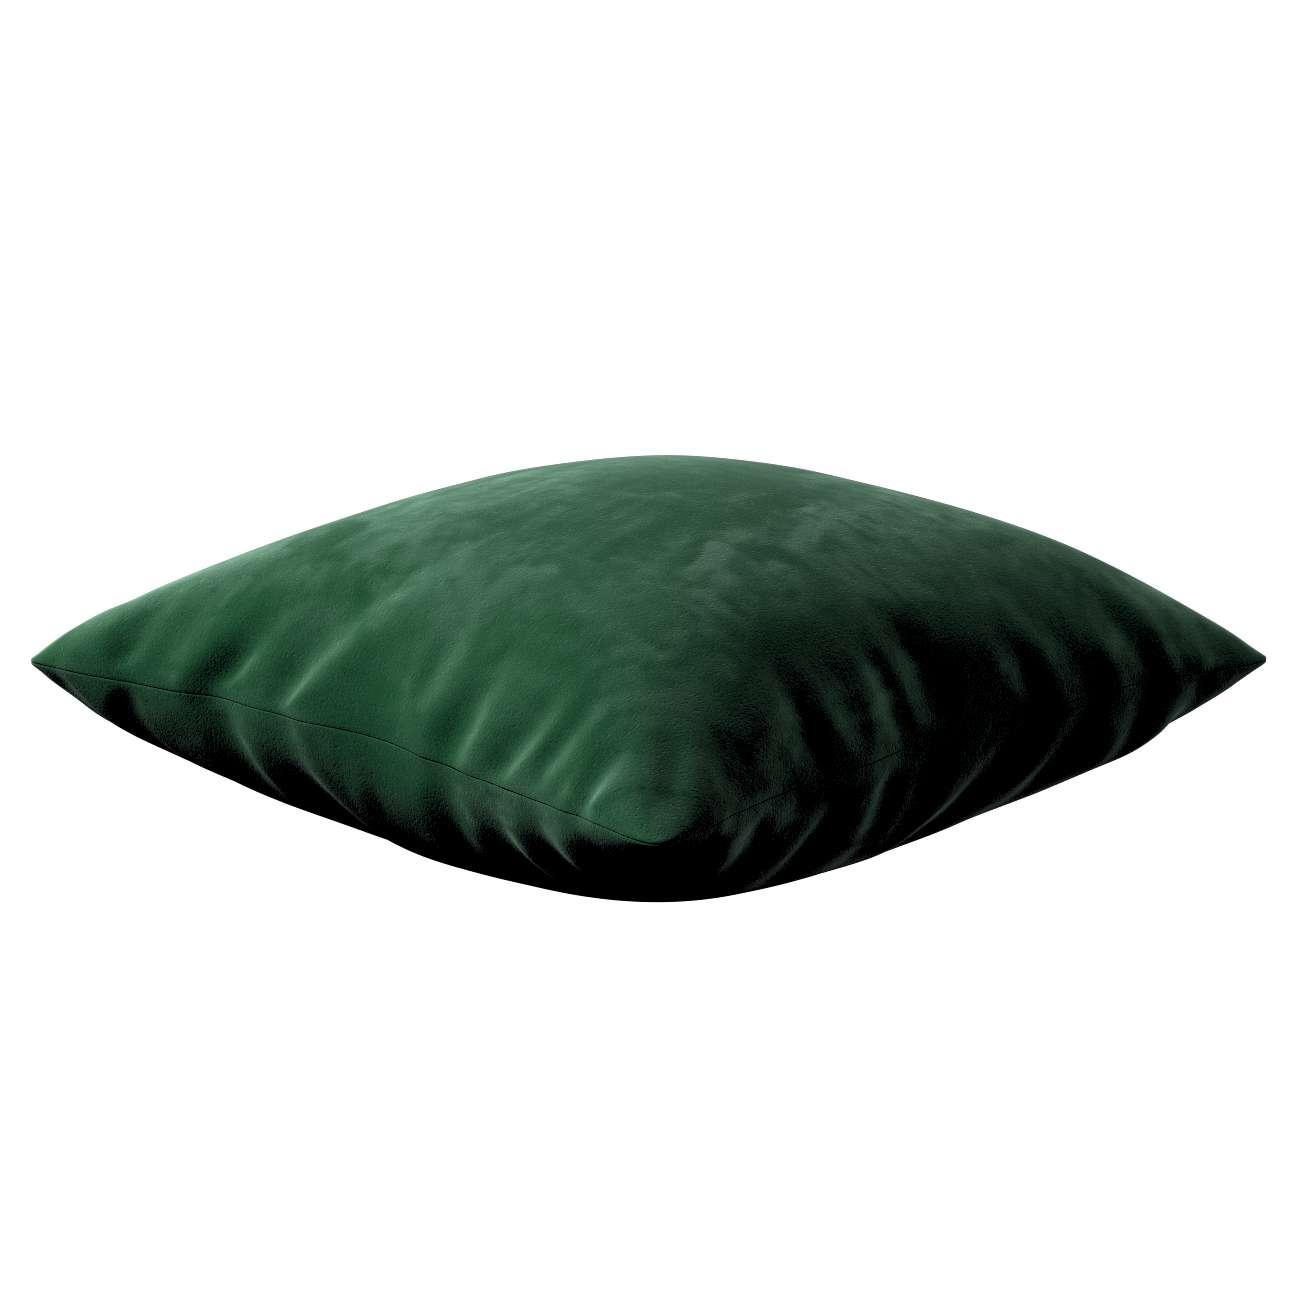 Poszewka Kinga na poduszkę w kolekcji Velvet, tkanina: 704-13